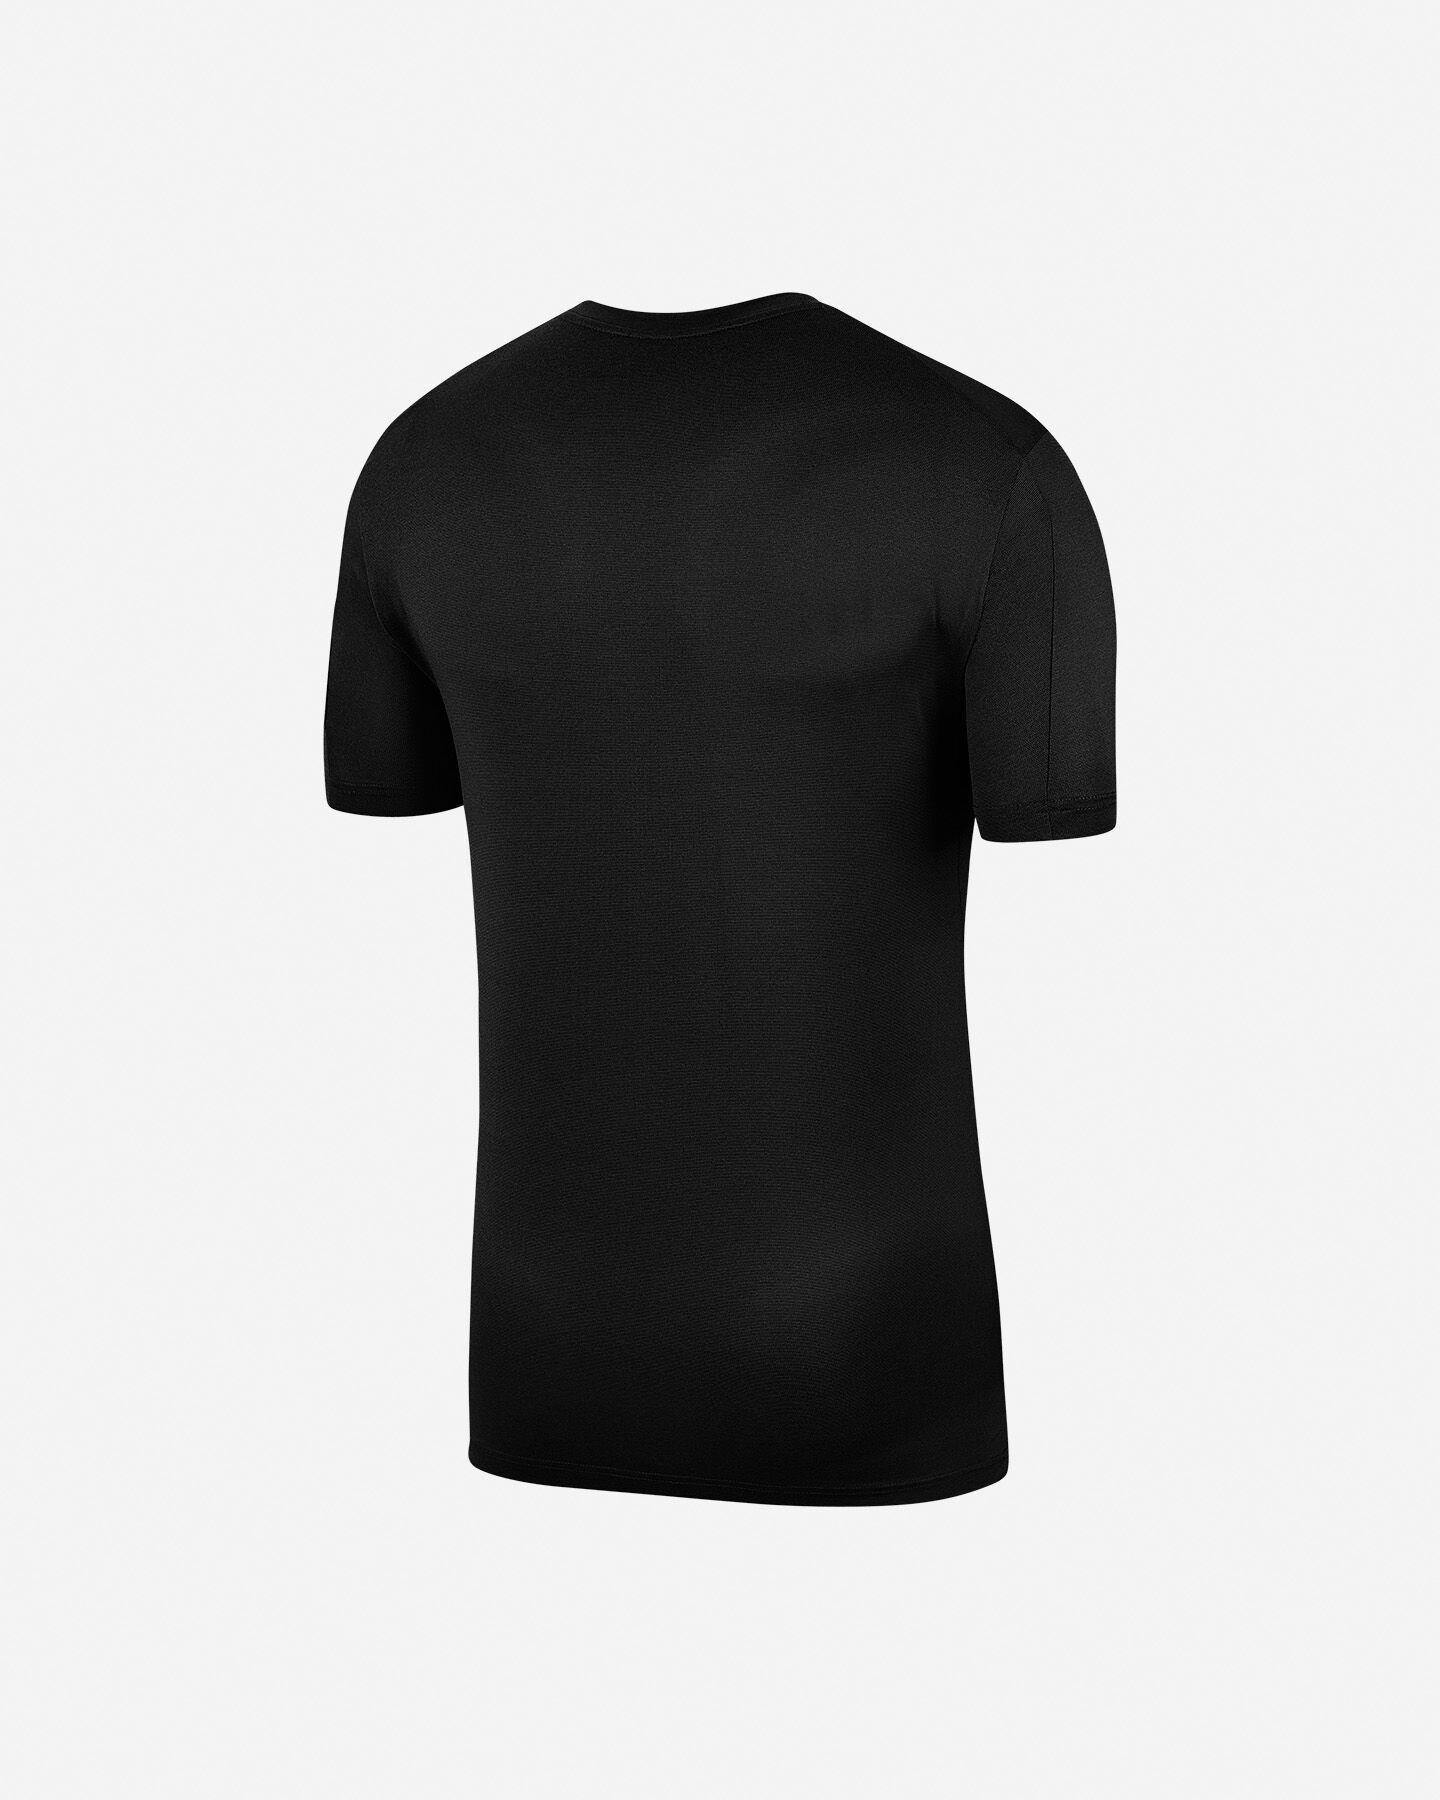 T-Shirt training NIKE DRI-FIT GX2 LOGO M S5196047 scatto 1